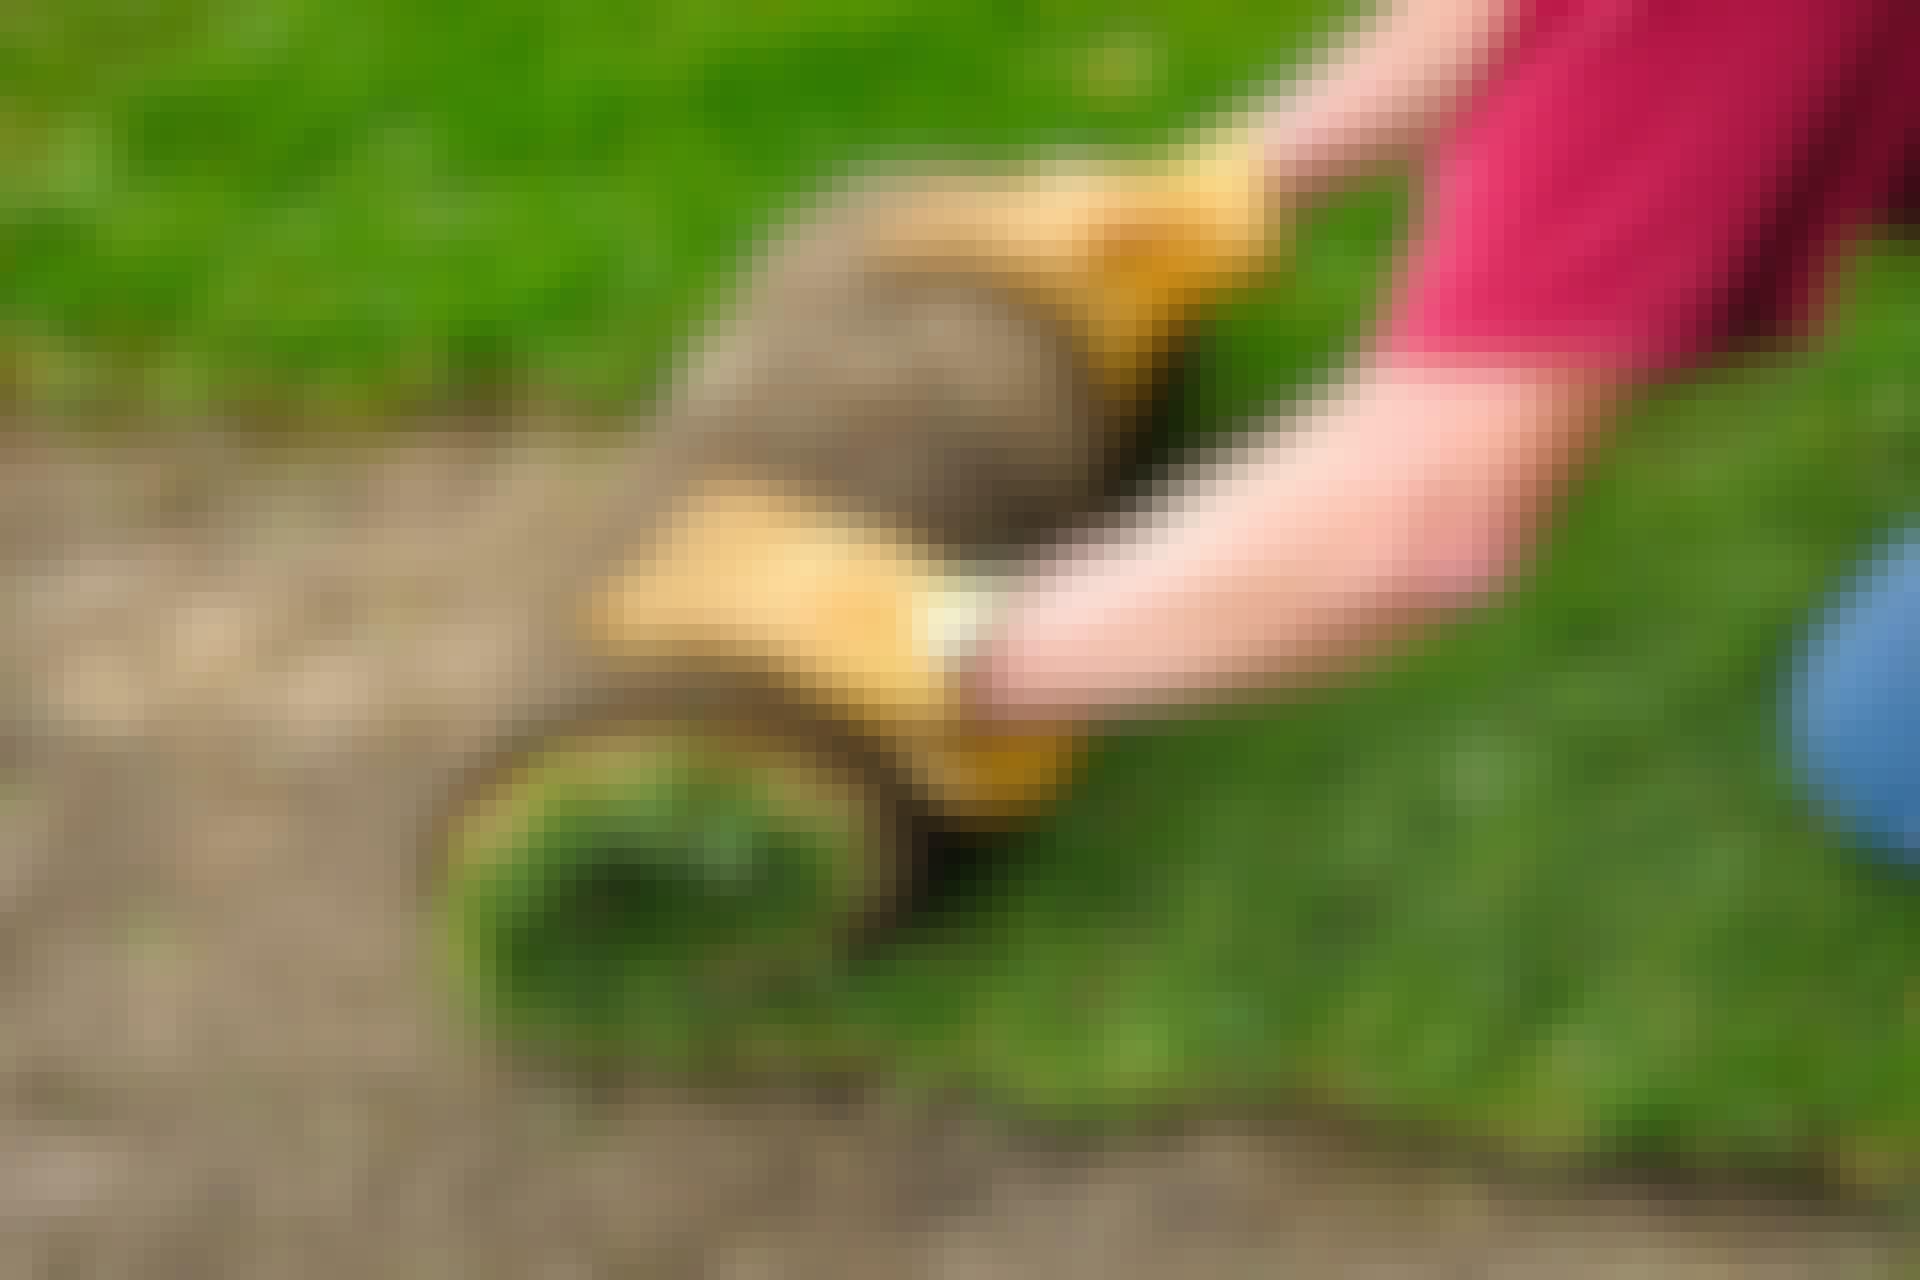 Rullegræs - læg en hel have på en weekend